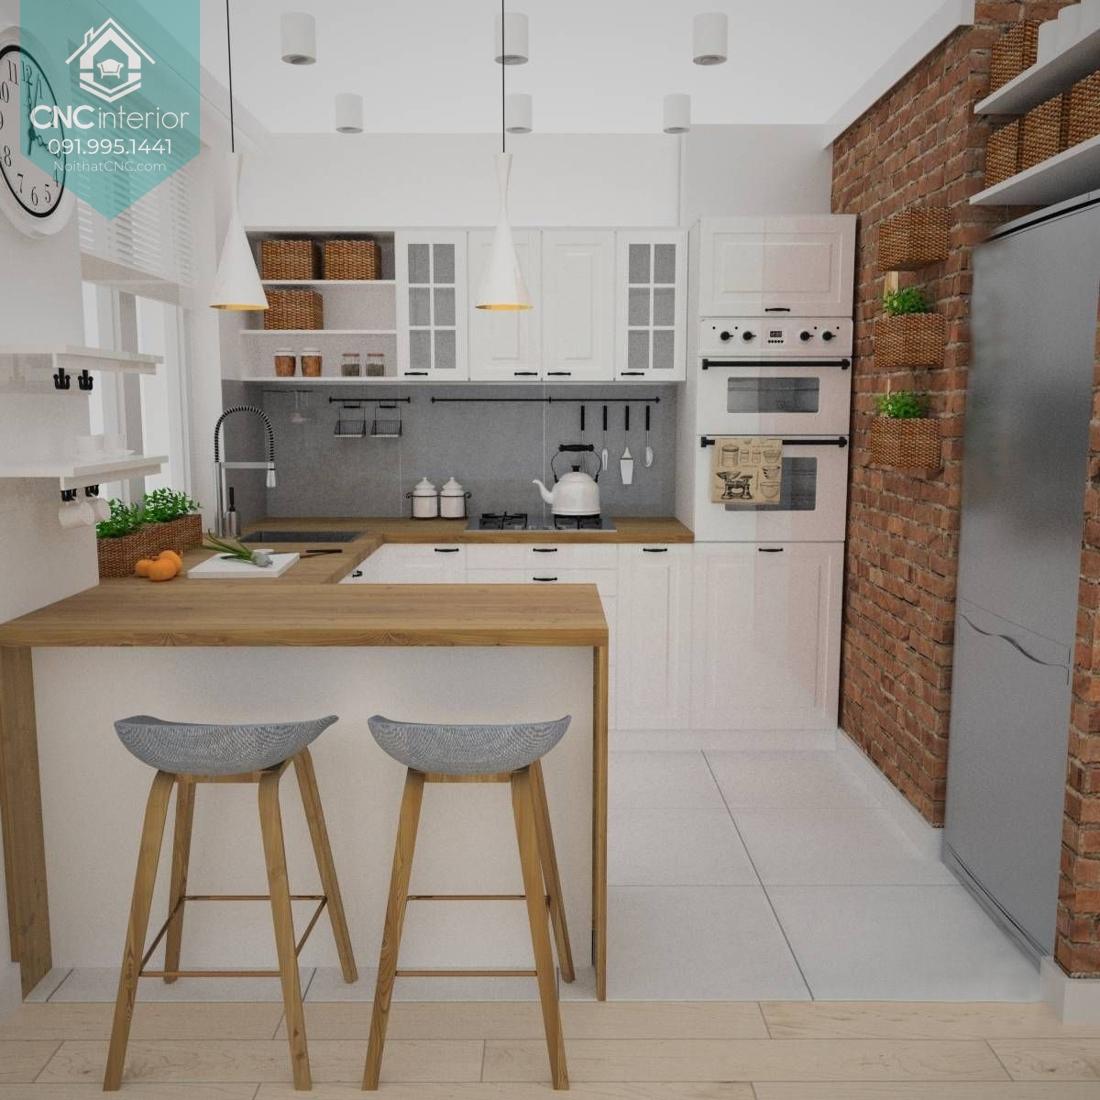 Quầy bar ngăn bếp và phòng khách 1